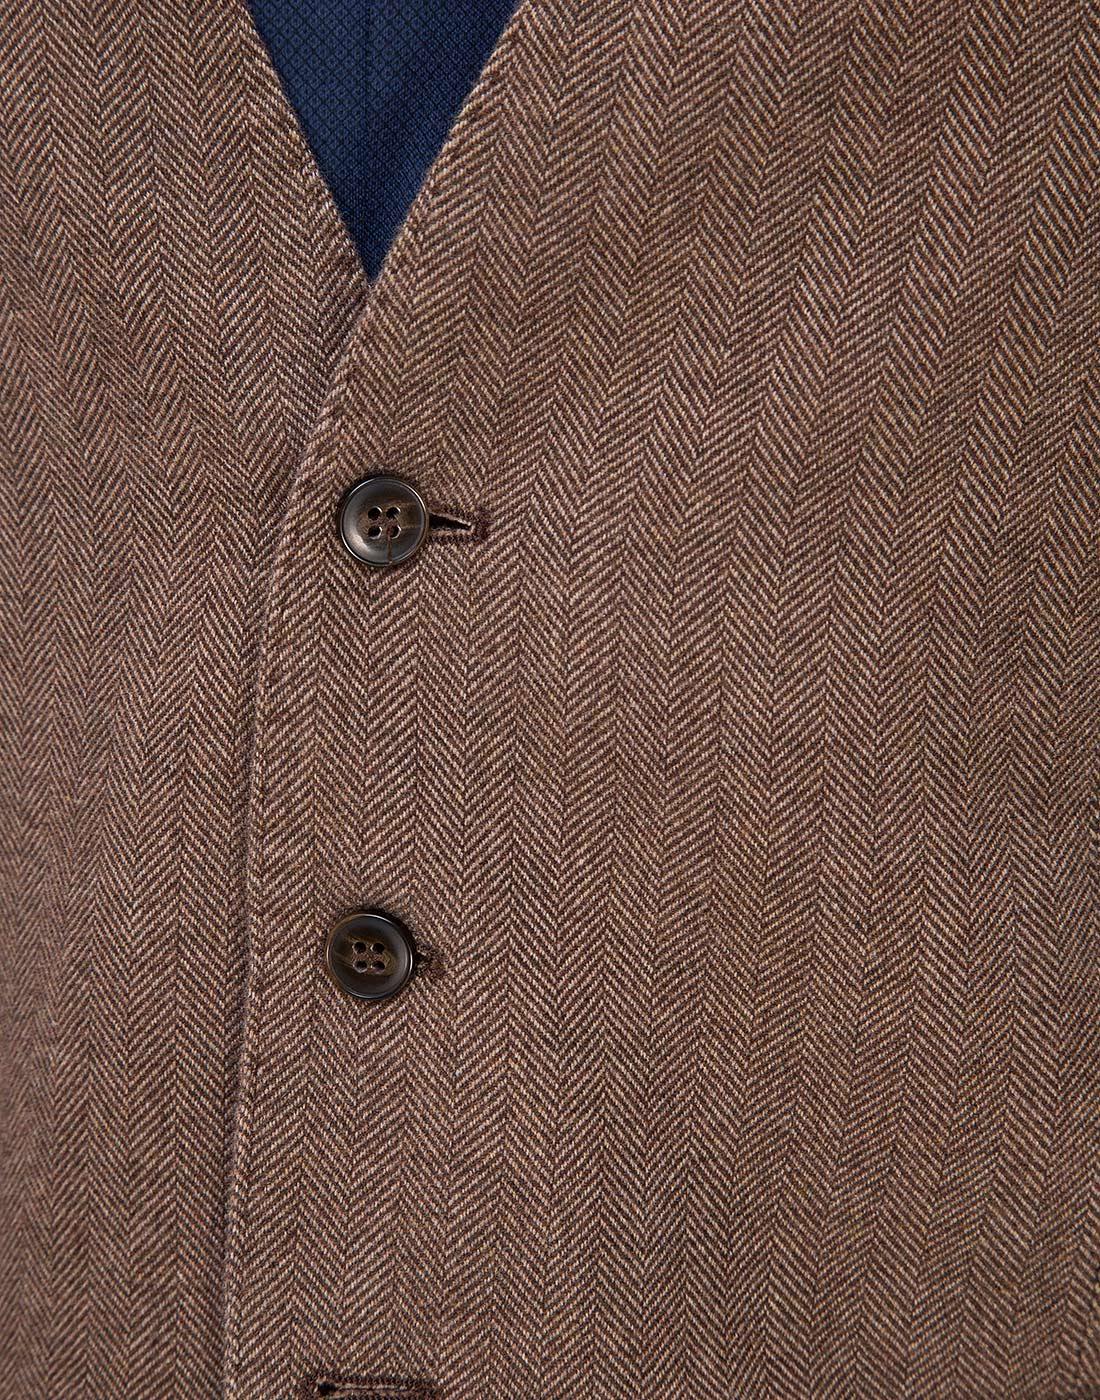 Мужской коричневый шерстяной жилет Lubiam S95078/05 1470-6